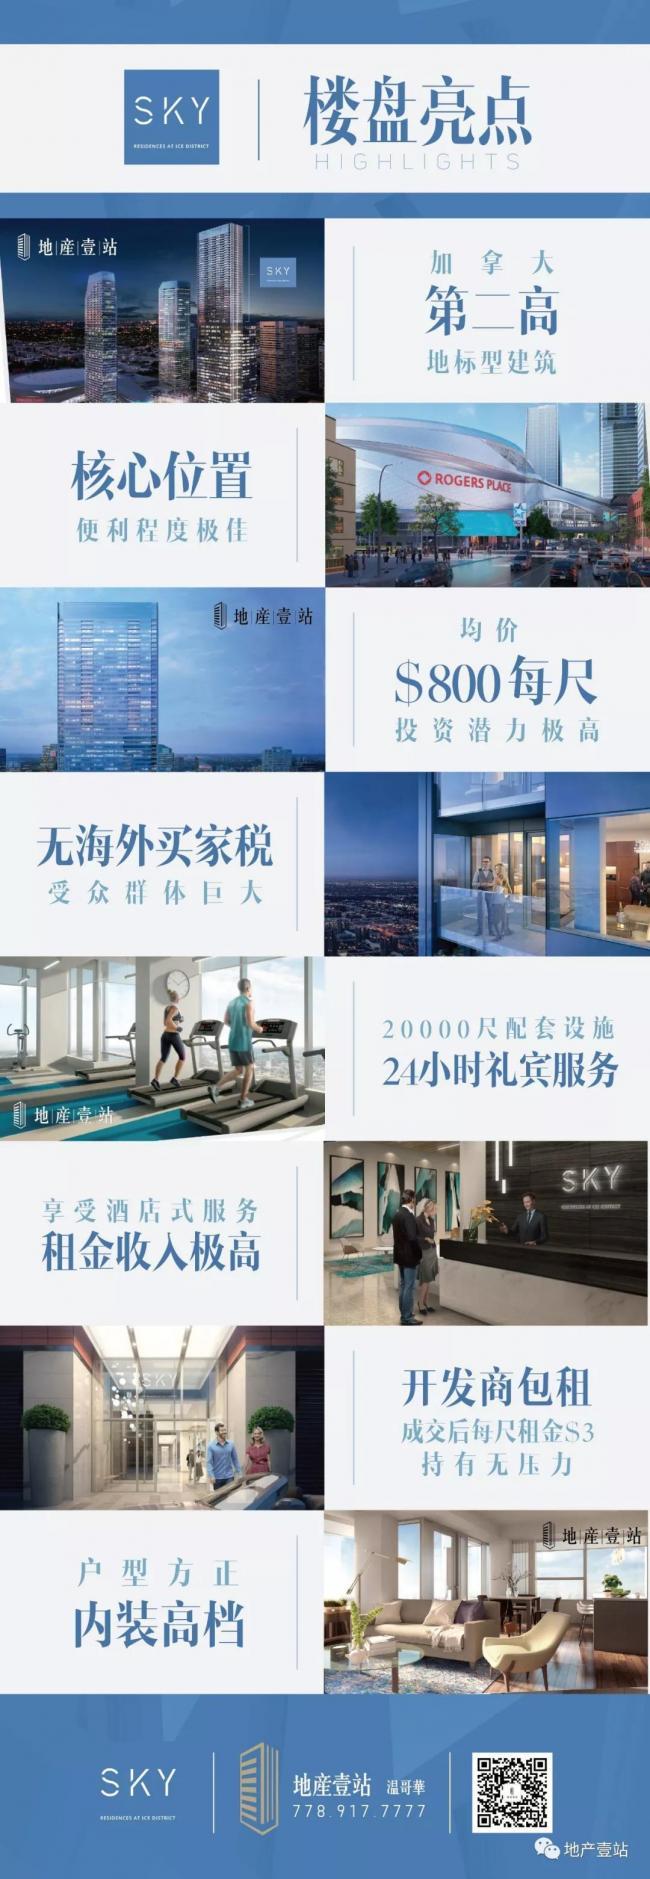 WeChat Image_20180322095342.jpg